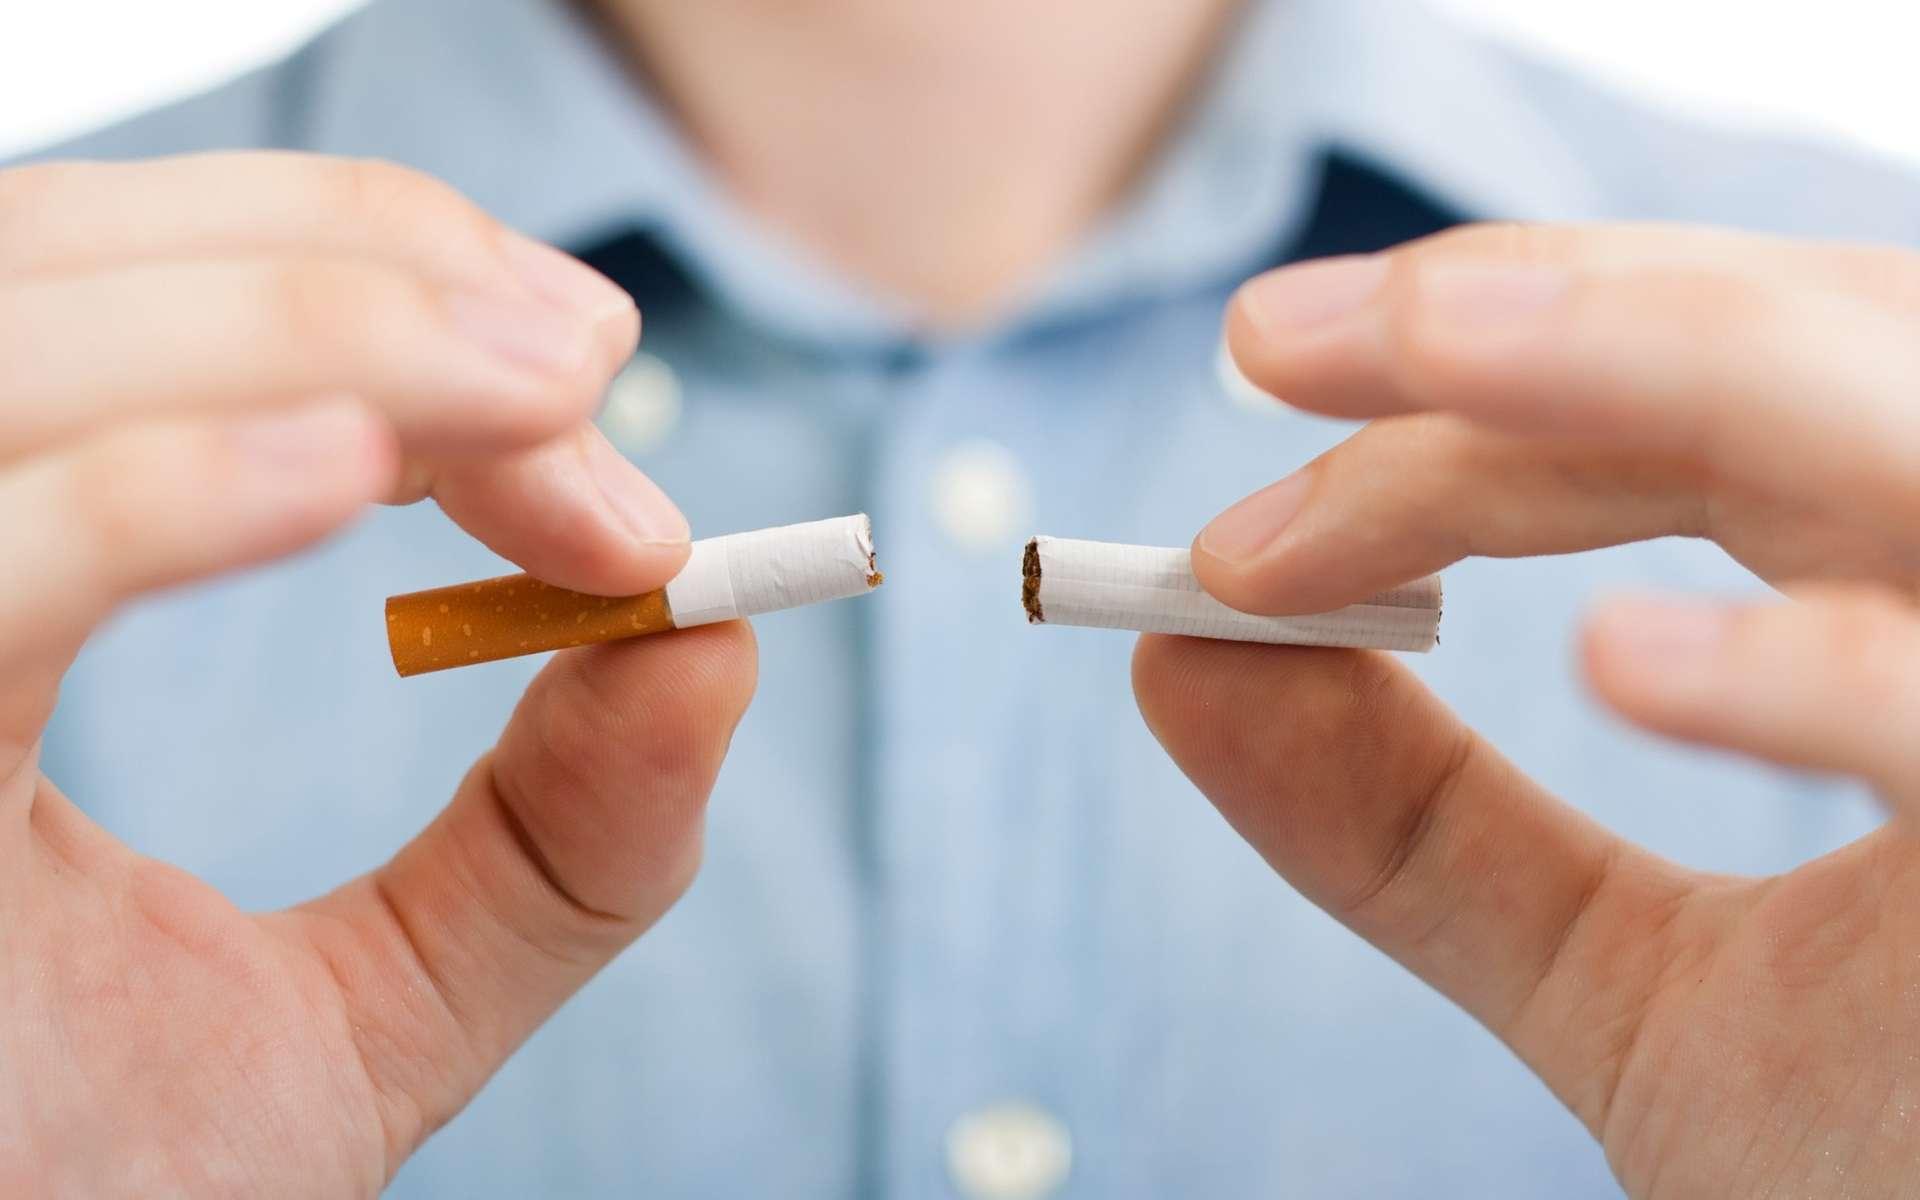 Le nouveau vaccin « pour arrêter de fumer » permet de réduire les effets de la nicotine sur le cerveau de souris. © InesBazdar, Shutterstock